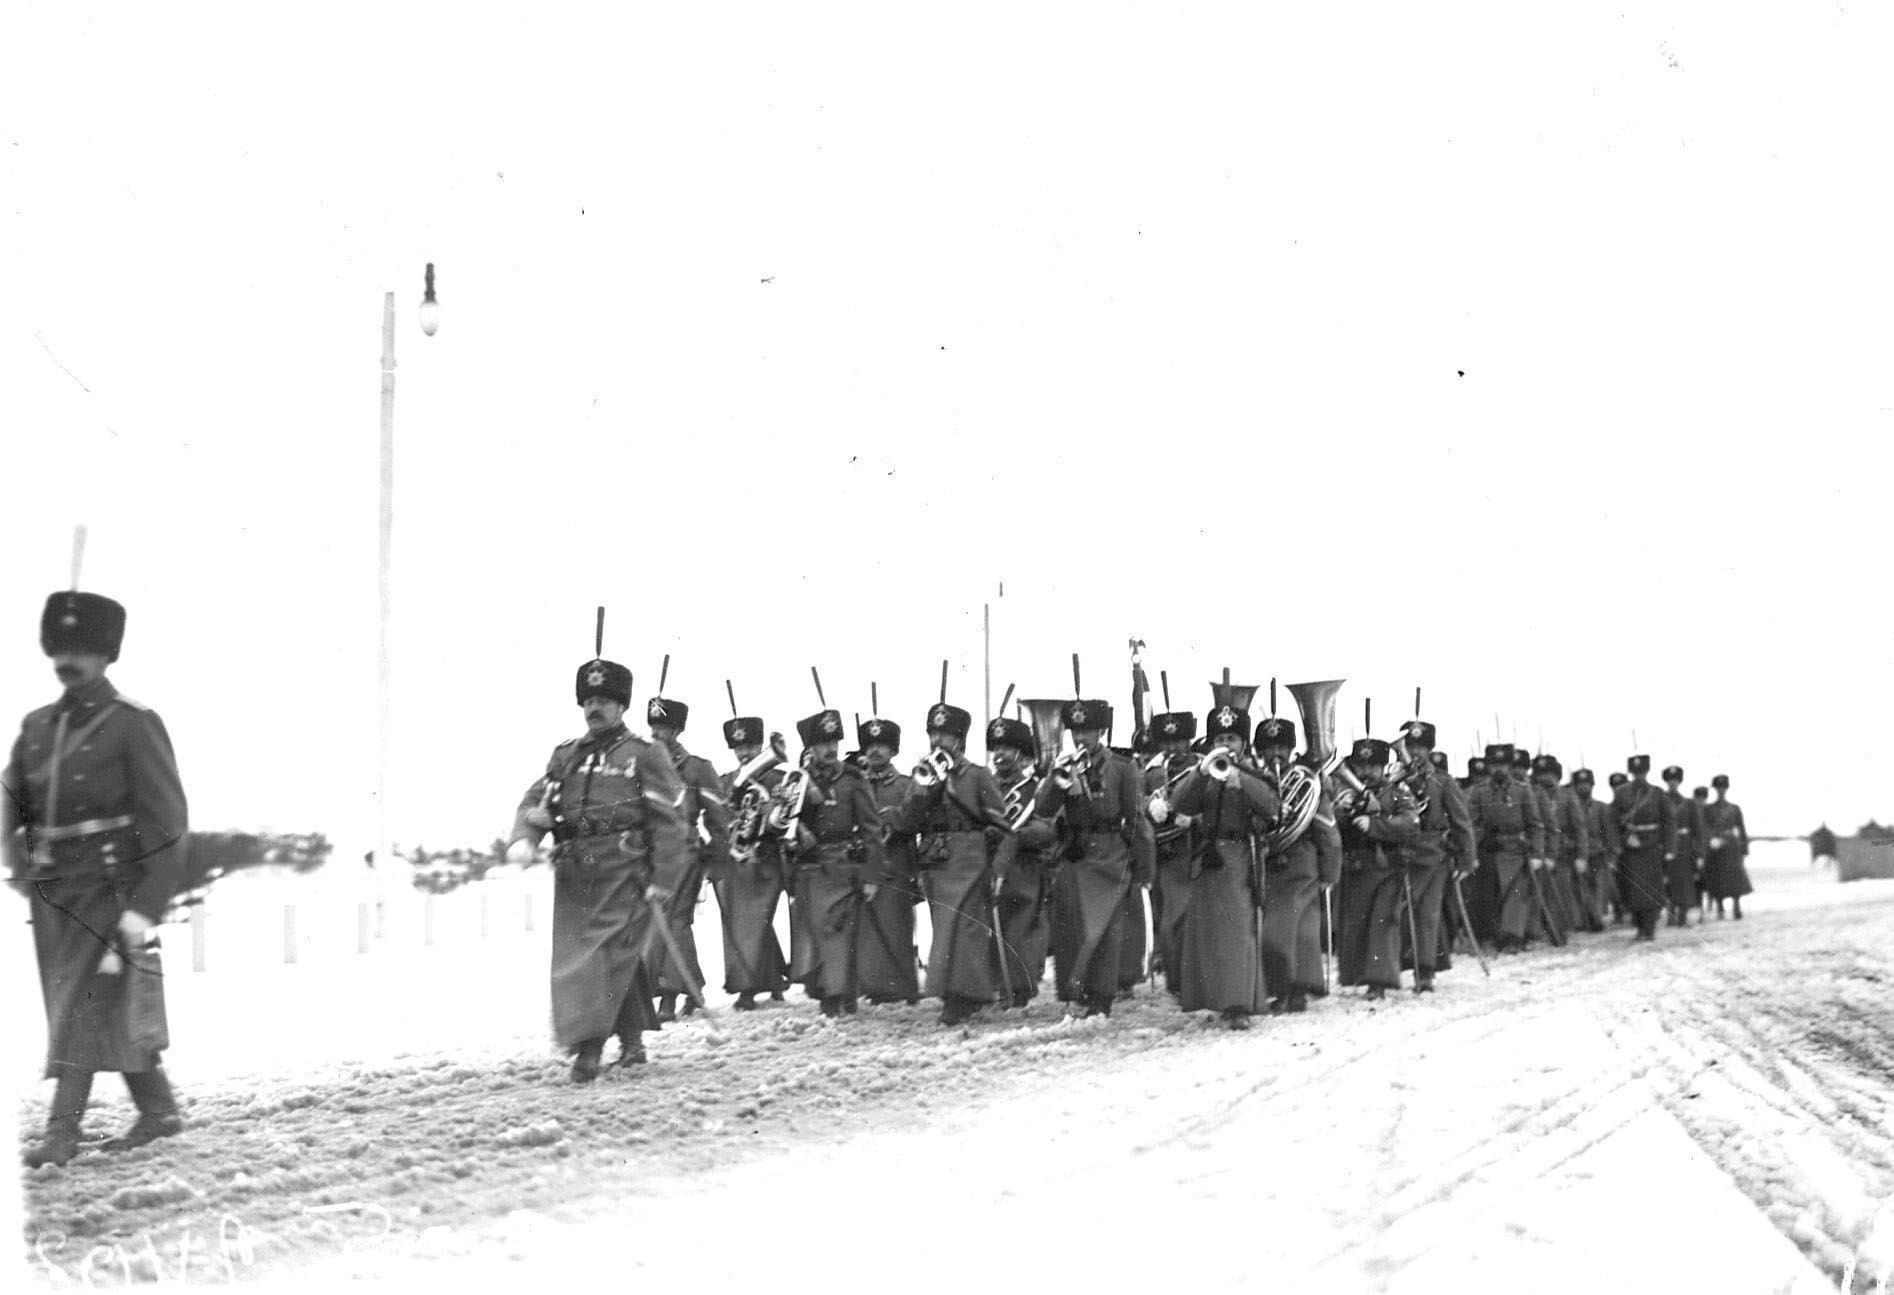 1913. Эскадрон и хор трубачей полка в пешем строю